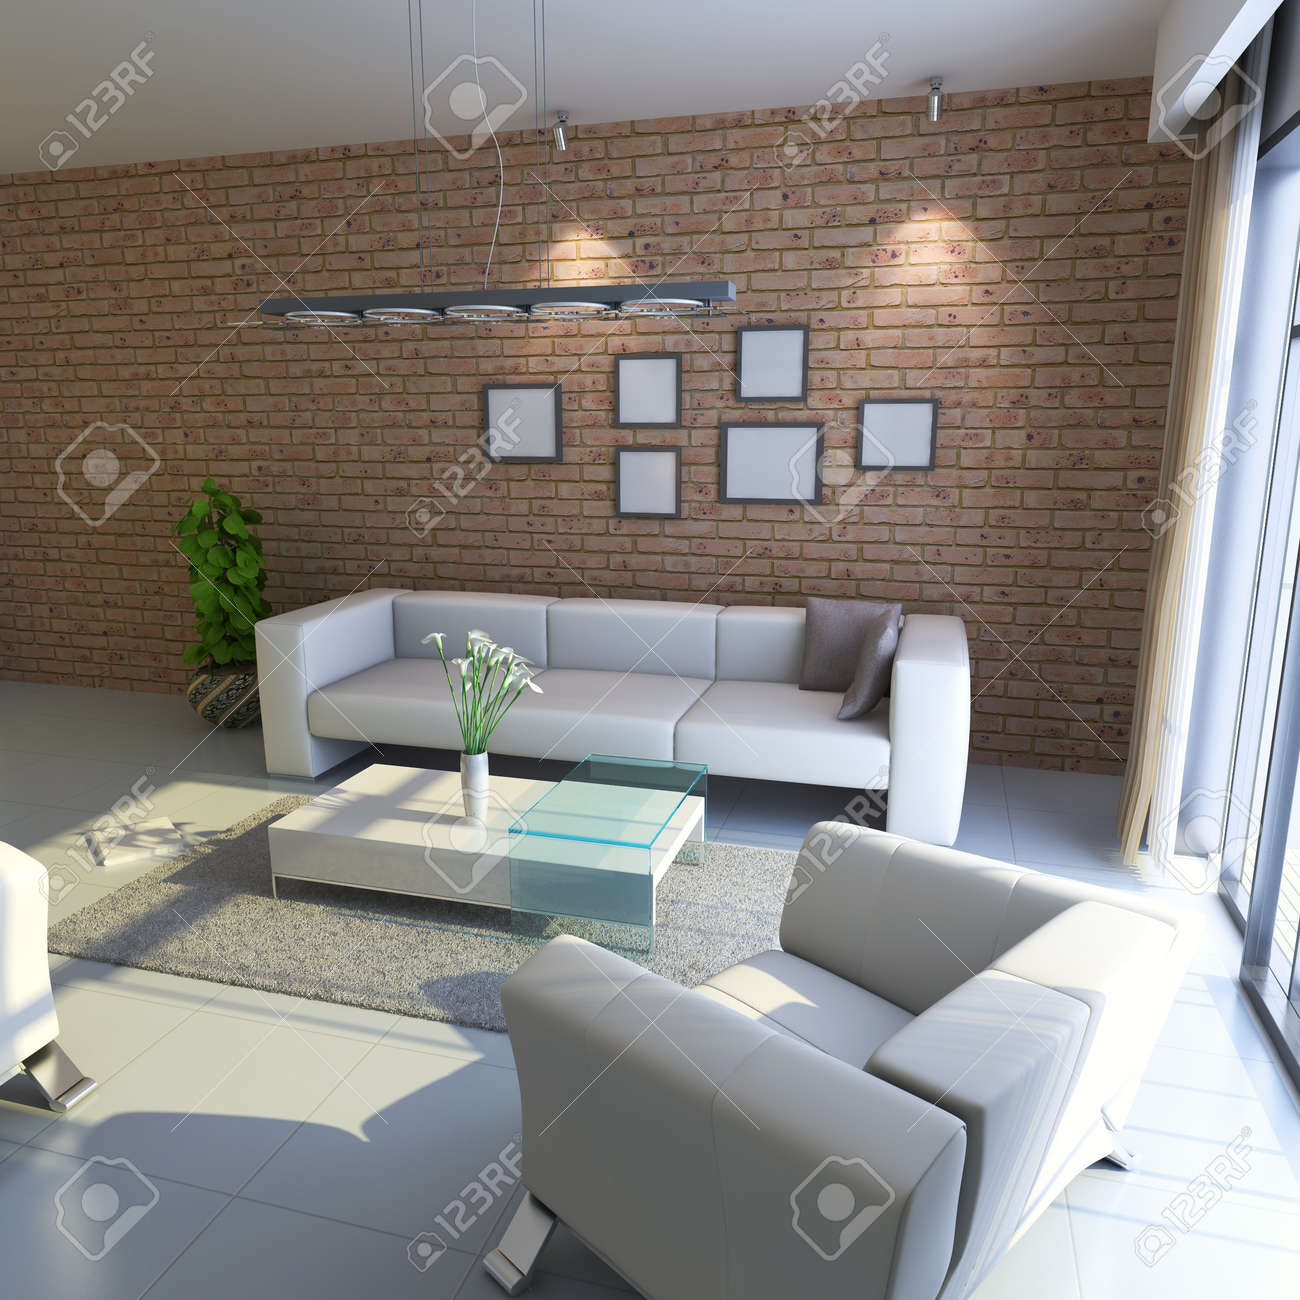 modern living room.3d render Stock Photo - 7118043